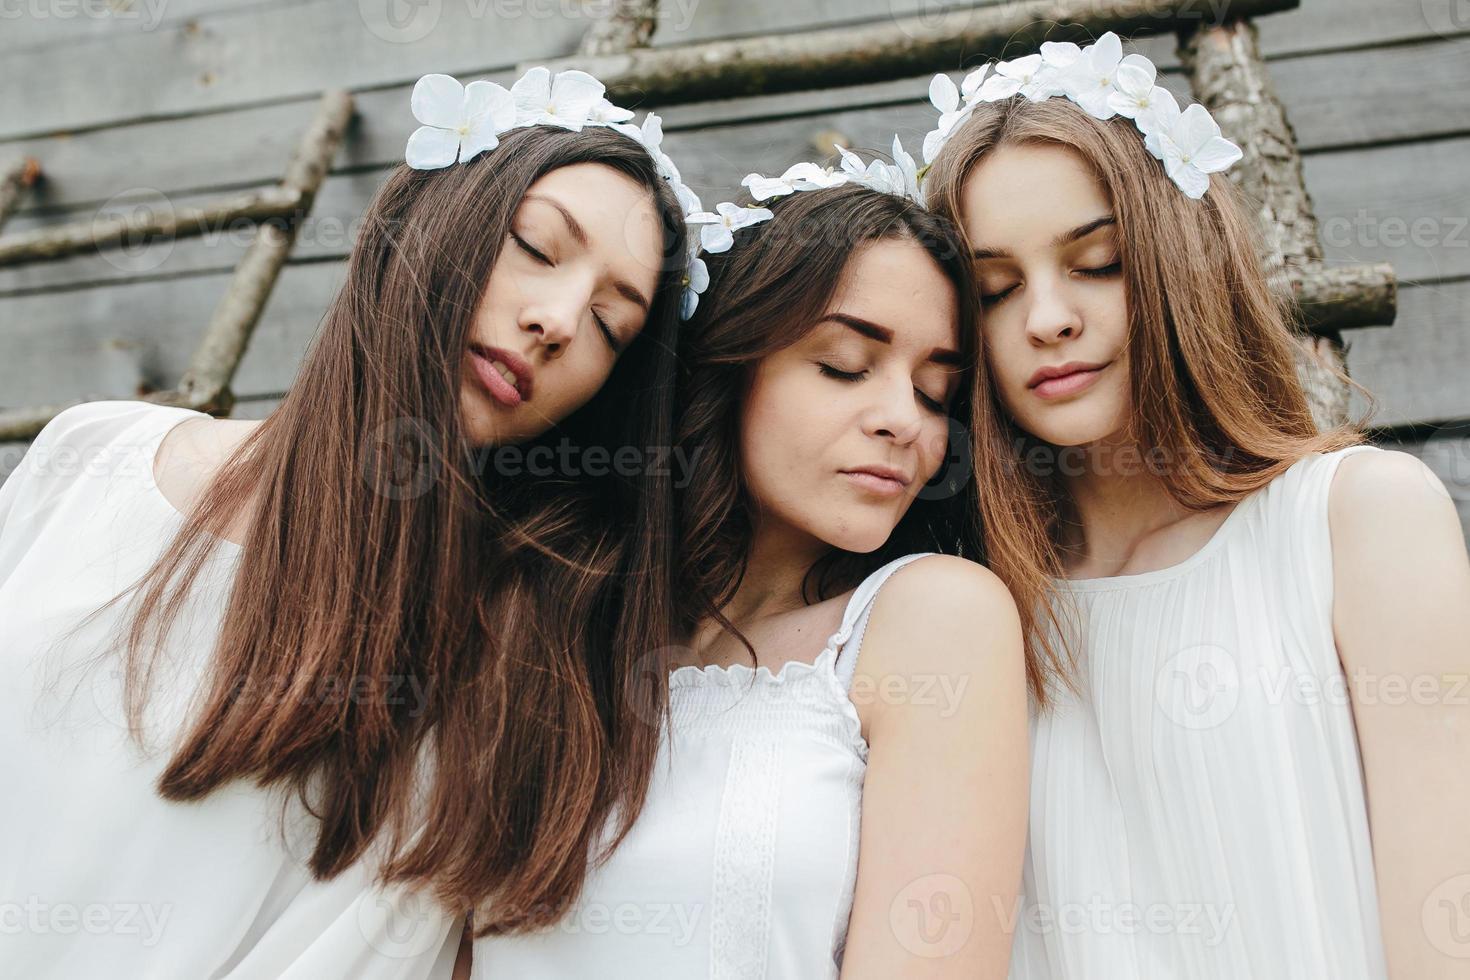 drei schöne Mädchen foto